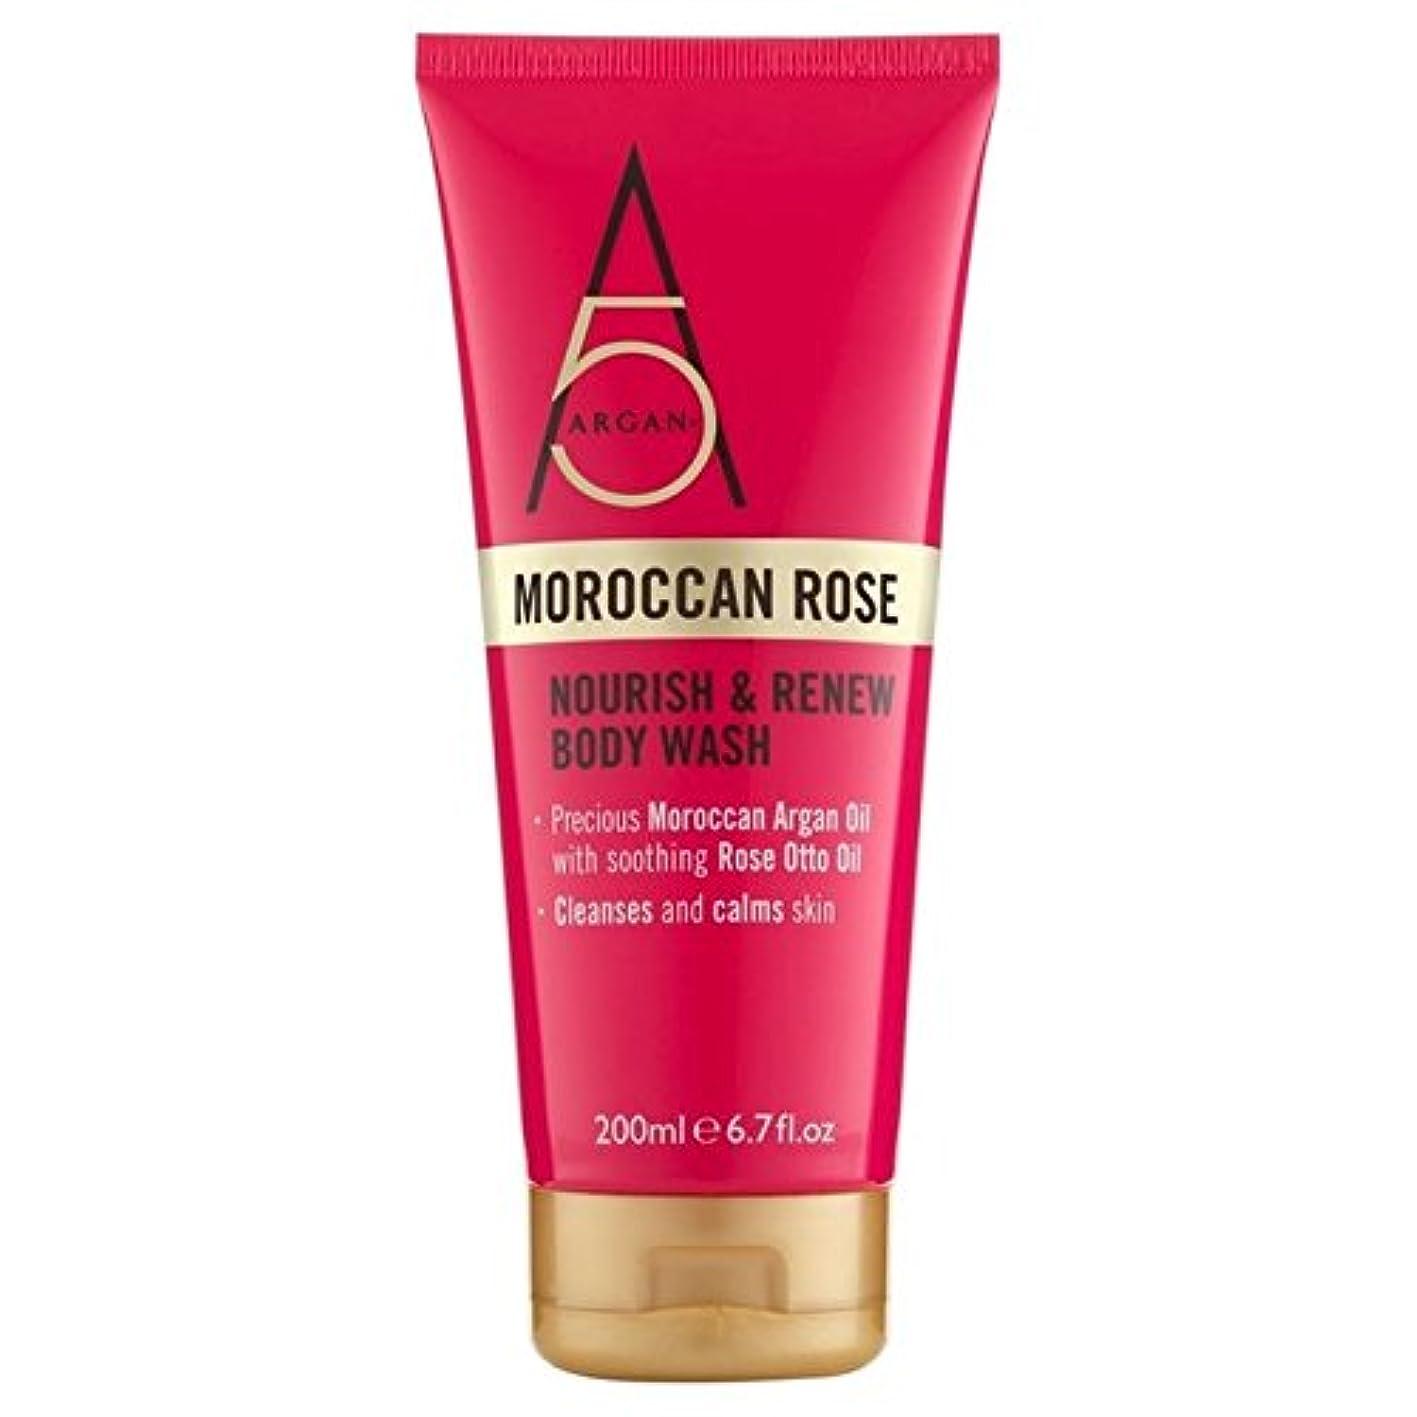 遅い区別する抽象Argan+ Moroccan Rose Body Wash 300ml (Pack of 6) - アルガン+モロッコは、ボディウォッシュ300ミリリットルをバラ x6 [並行輸入品]